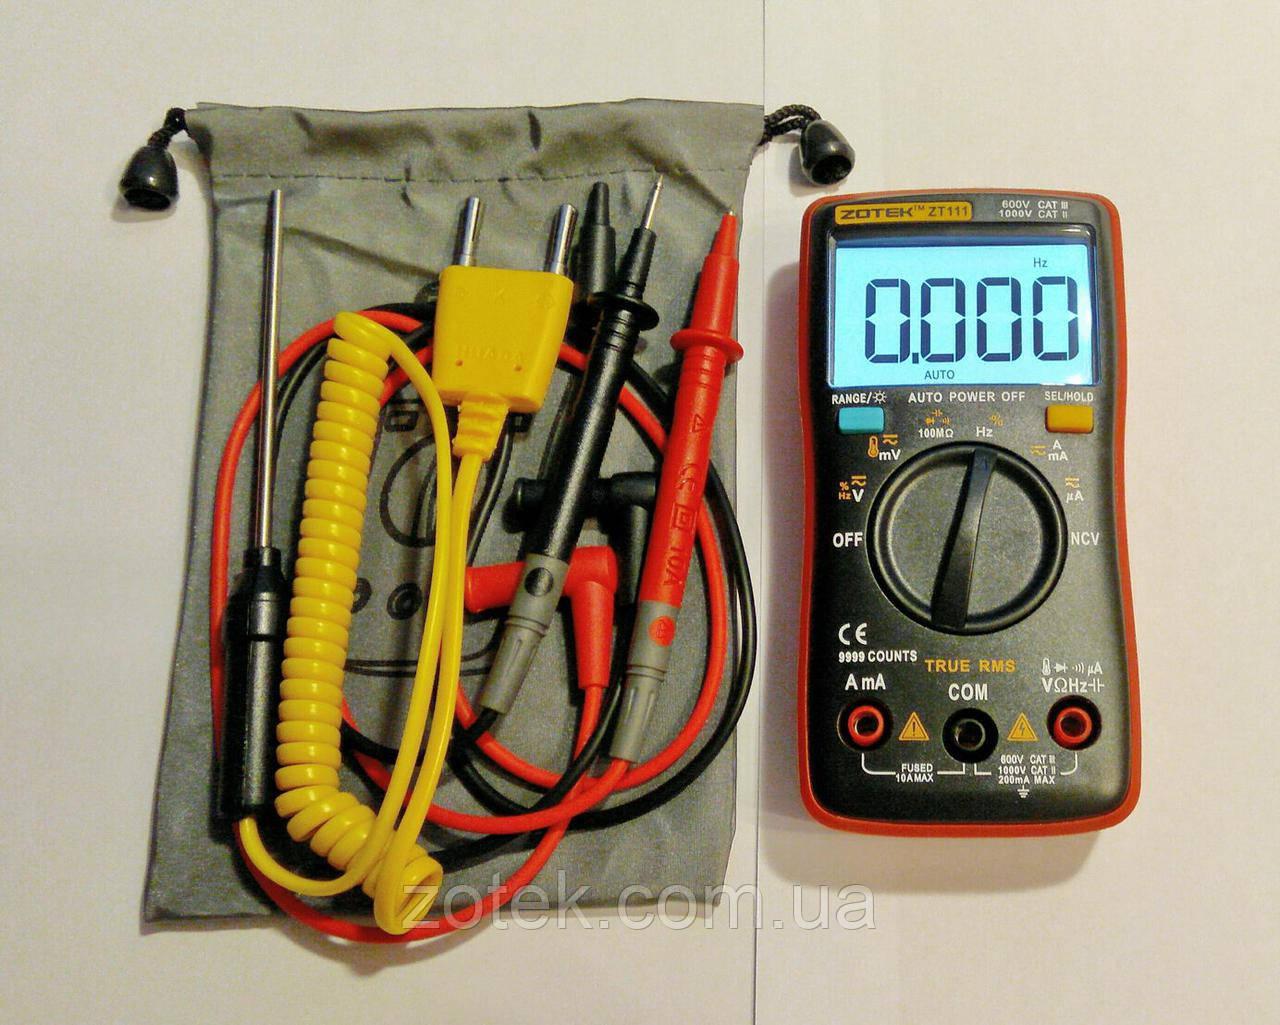 Мультиметр ZOTEK ZT111 NCV True RMS 9999 отсч., (RM111) 100 000 МкФ